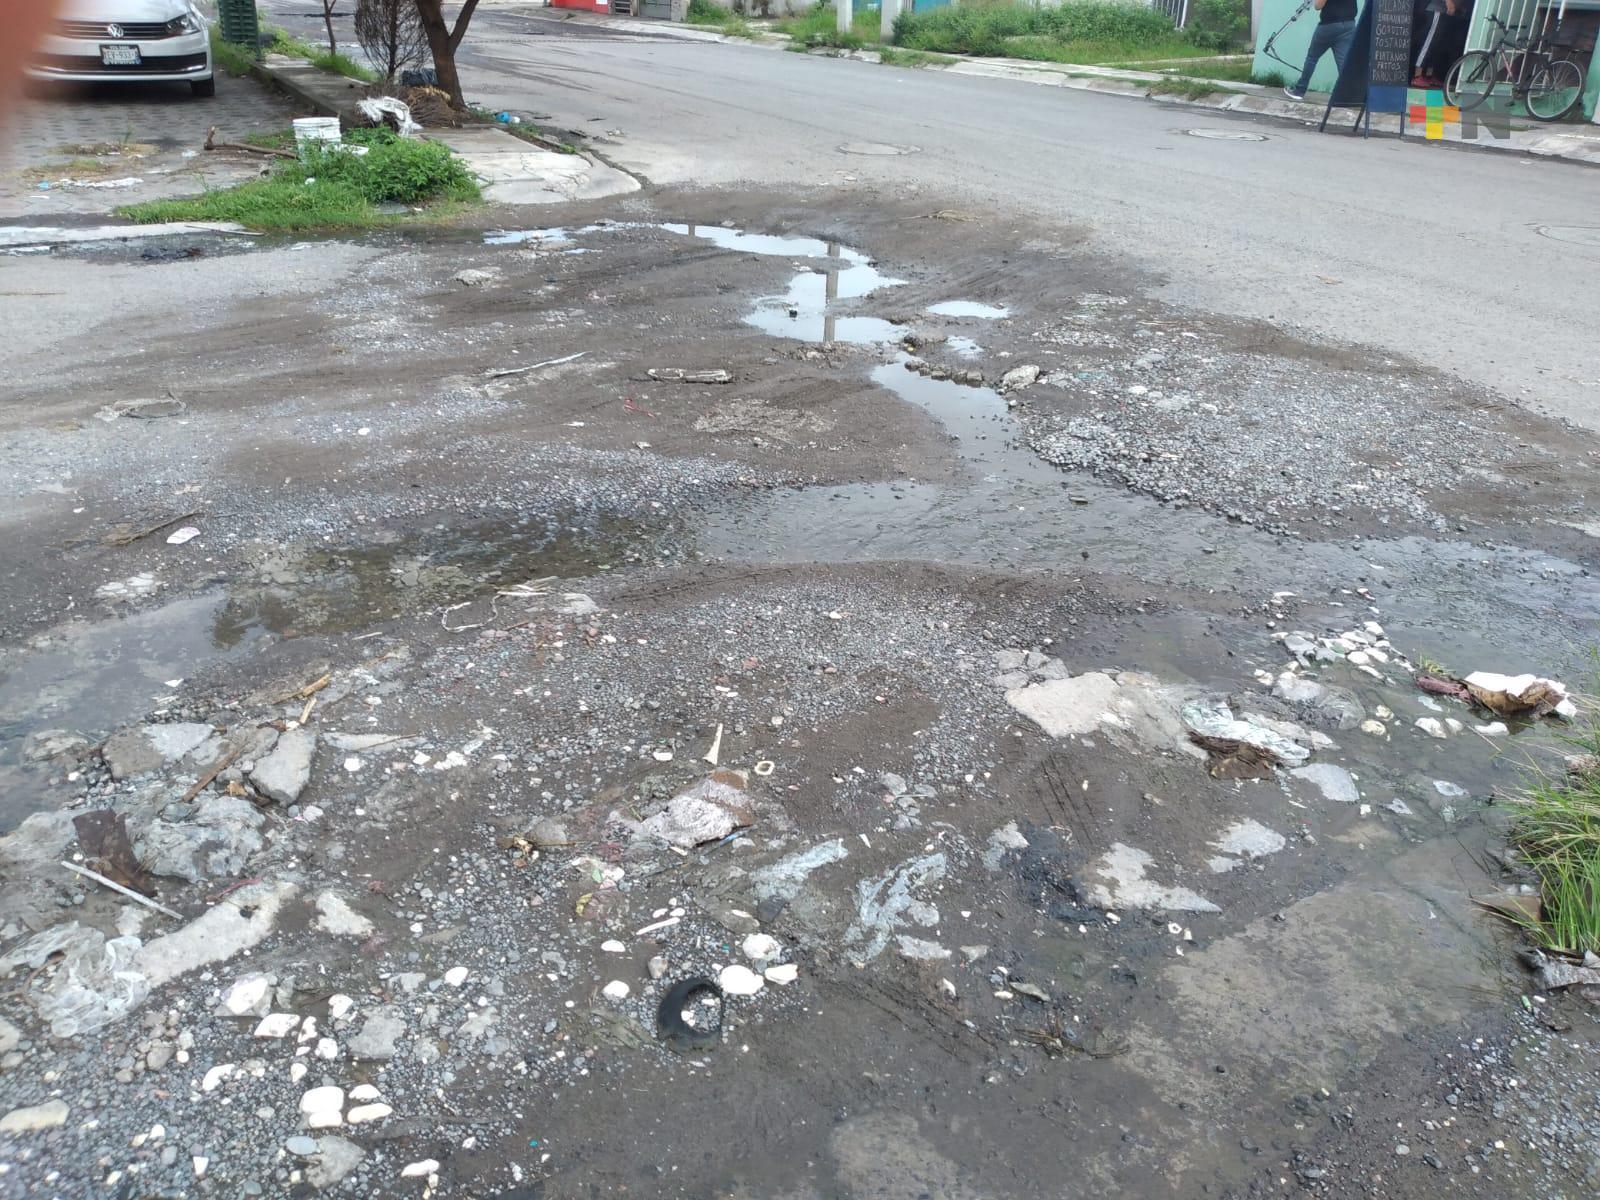 Baches en fraccionamiento Lomas 4 del municipio de Veracruz